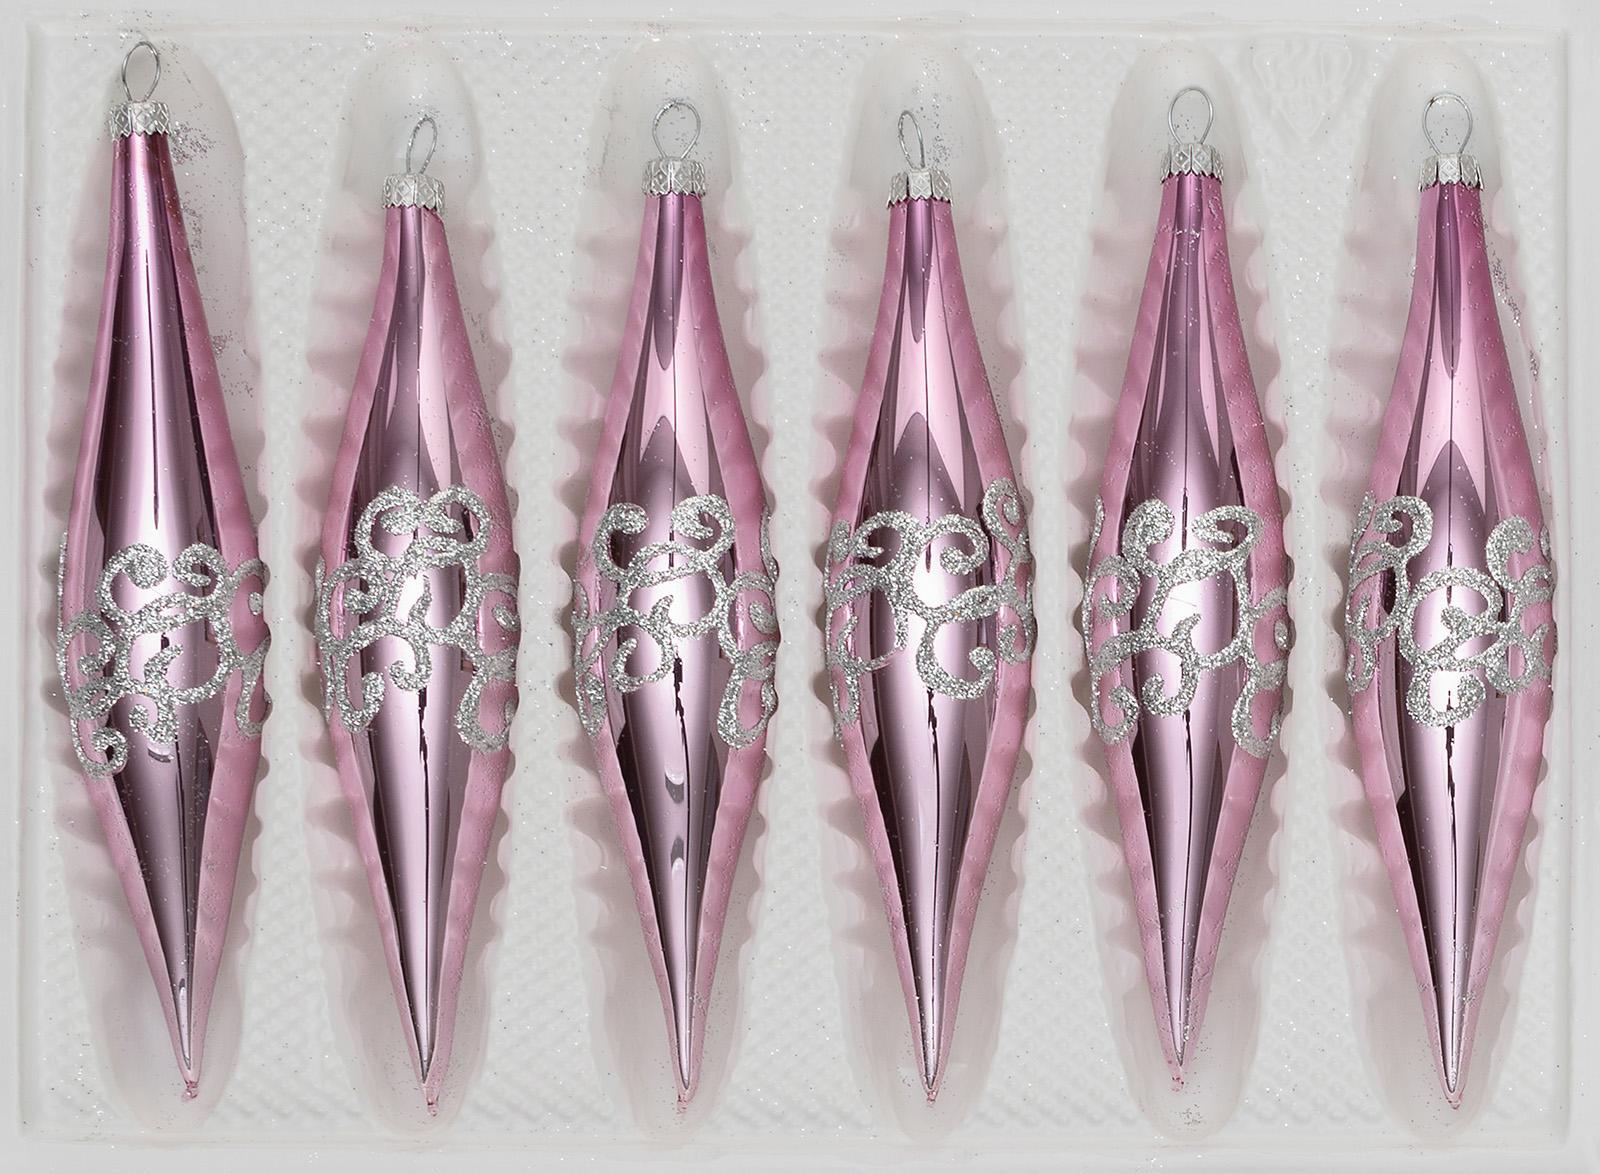 """6 tlg. Glas Zapfen Set in """"Hochglanz Rosa Silberne Ornamente"""""""